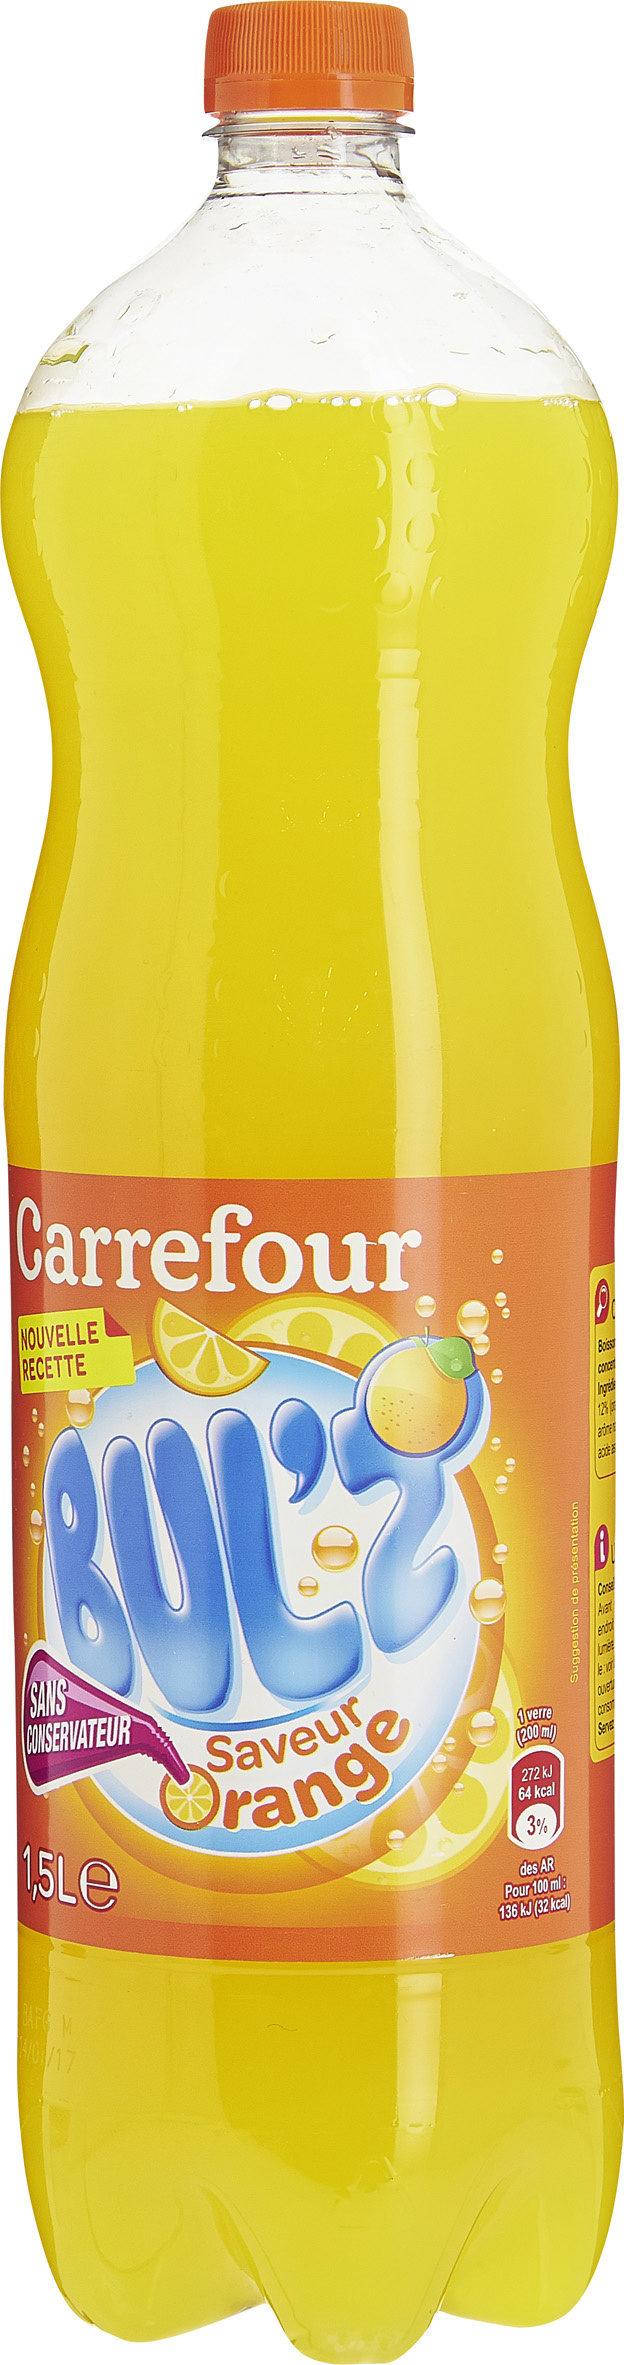 Bul'z saveur orange - Product